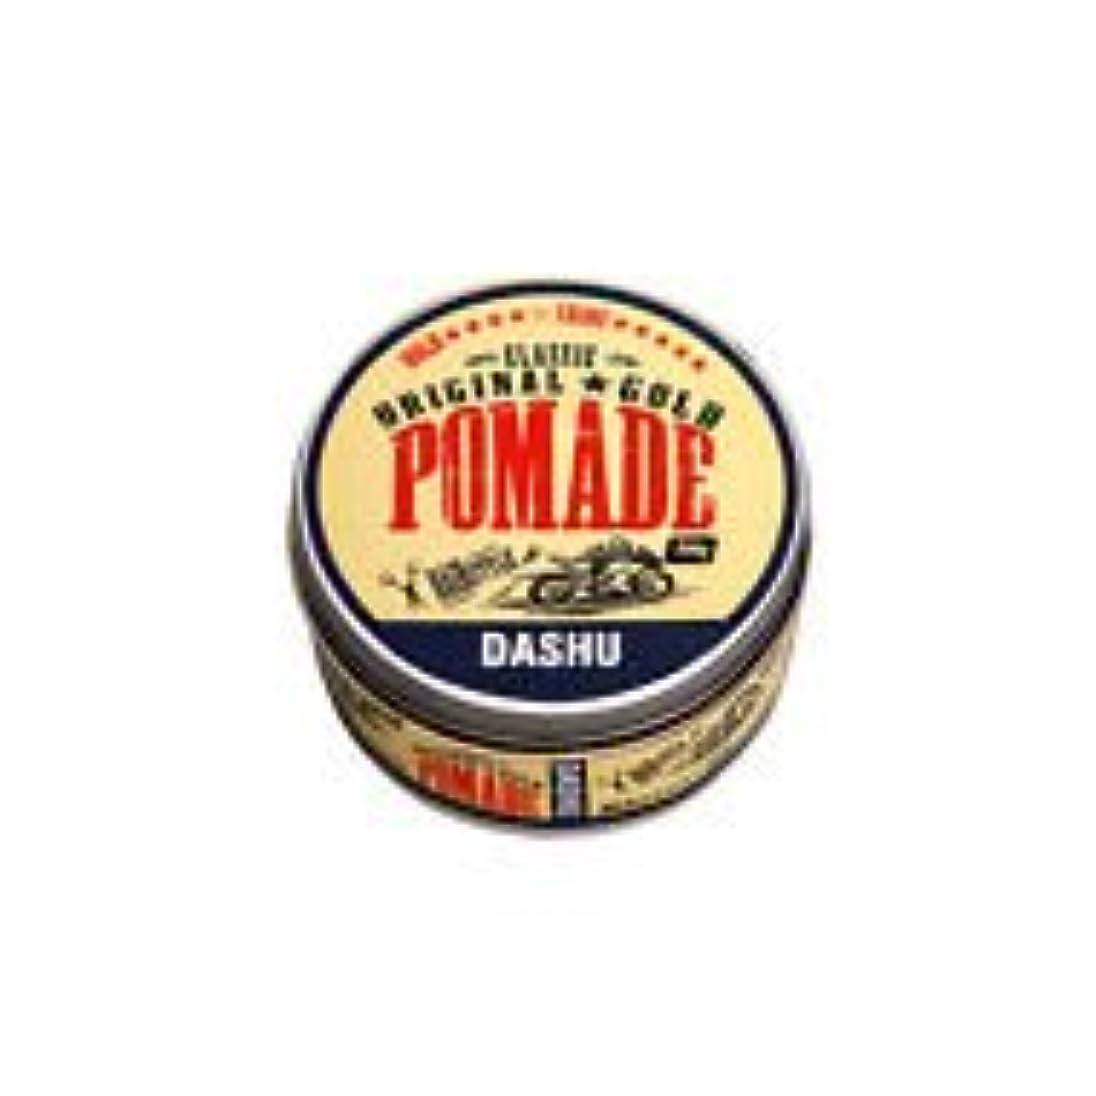 発送才能のある階[DASHU] ダシュ クラシックオリジナルゴールドポマードヘアワックス Classic Original Gold Pomade Hair Wax 100ml / 韓国製 . 韓国直送品